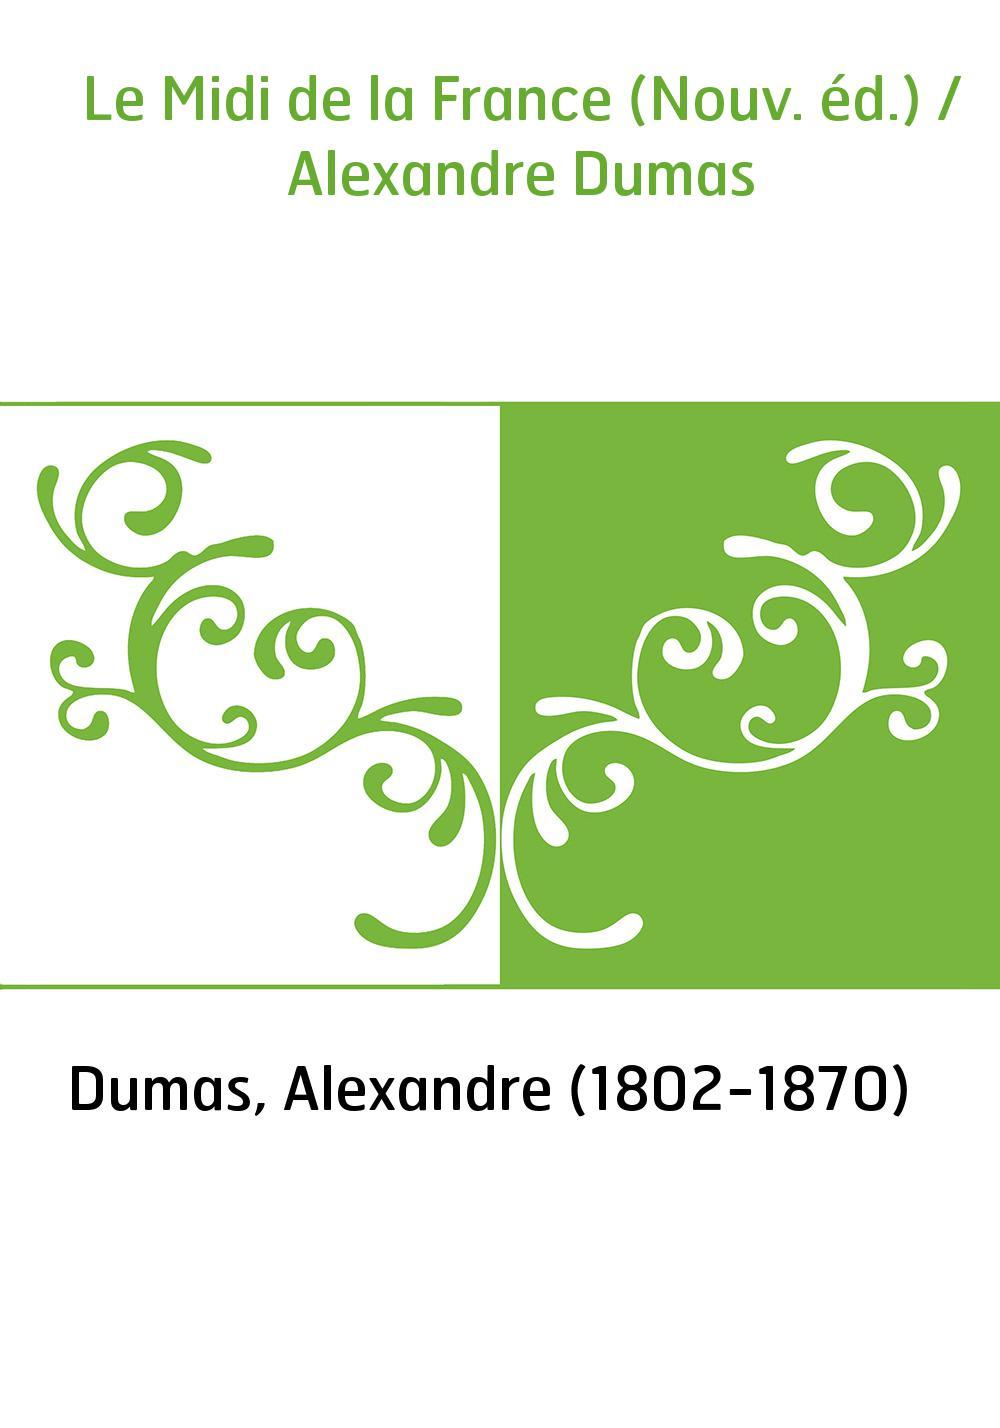 Le Midi de la France (Nouv. éd.) / Alexandre Dumas